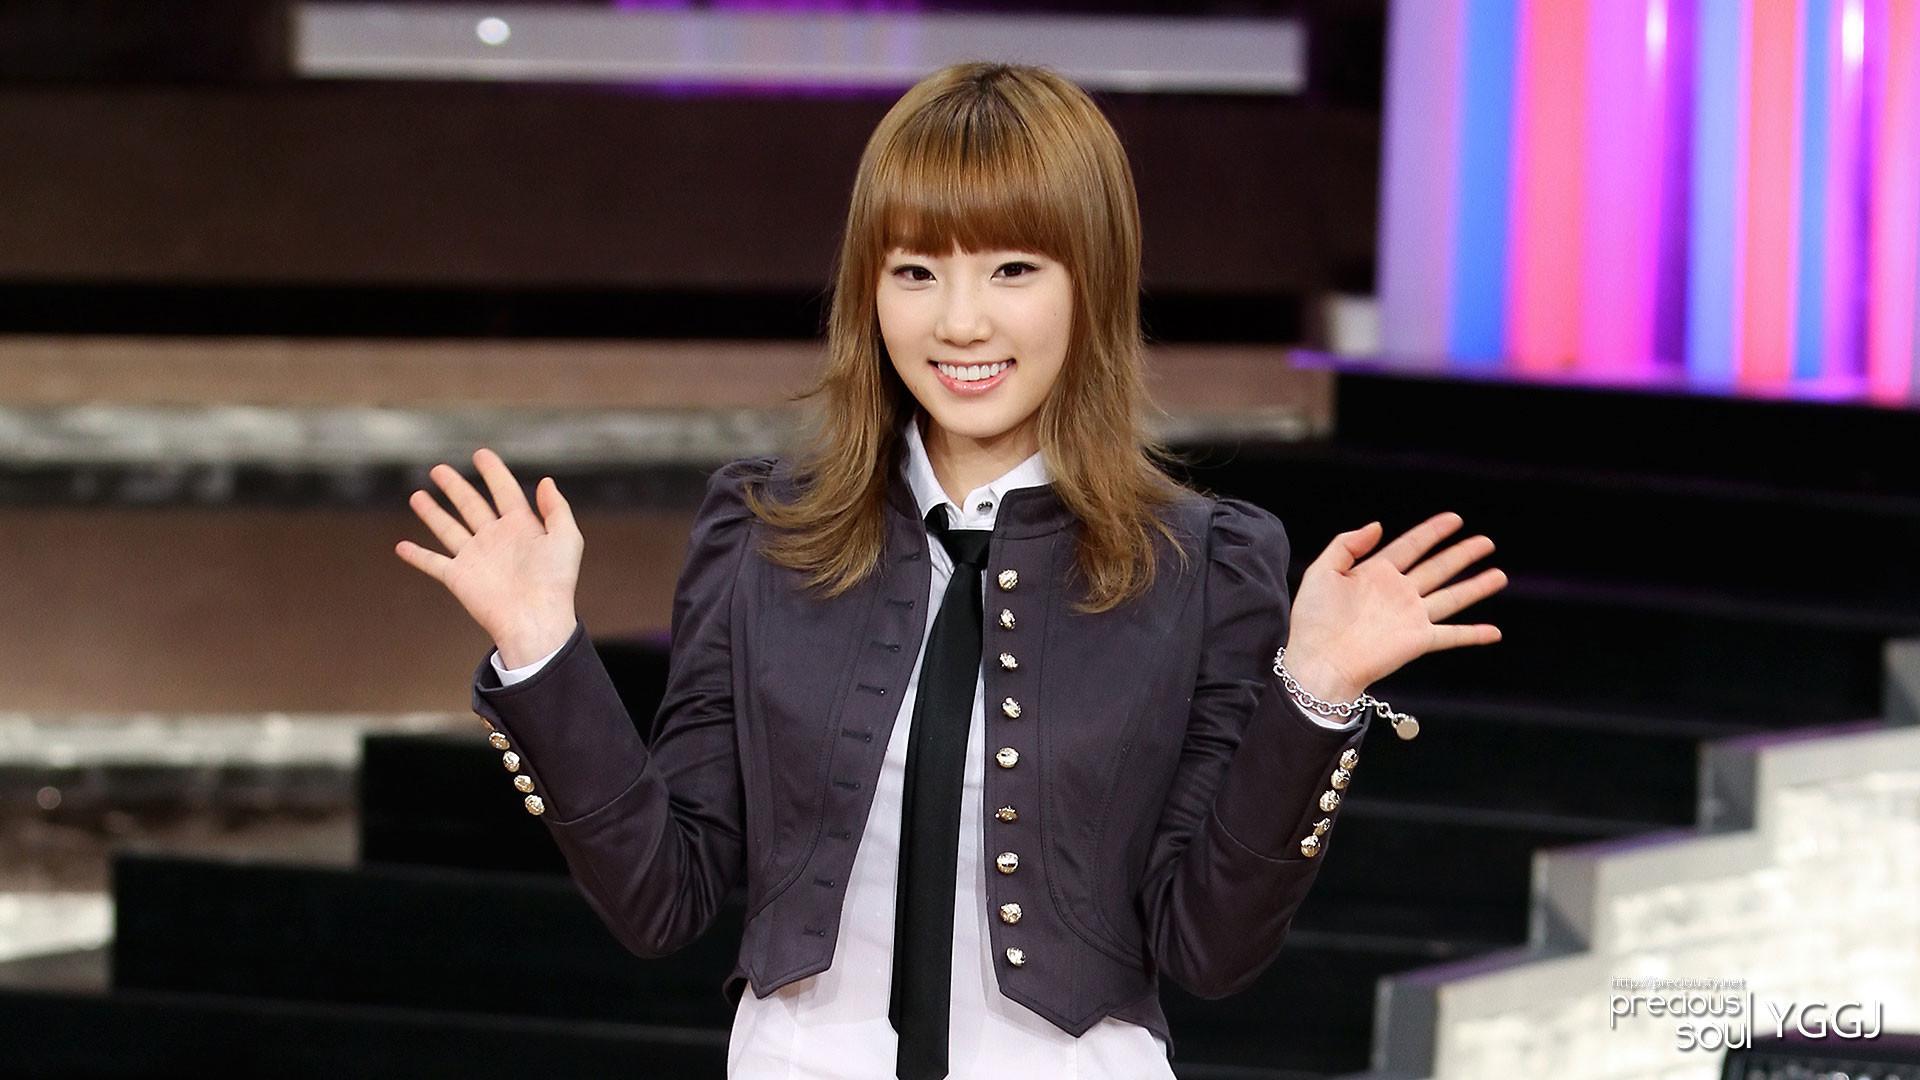 Precious Taeyeon 2010-2011 Wallpapers (8 HD pics)